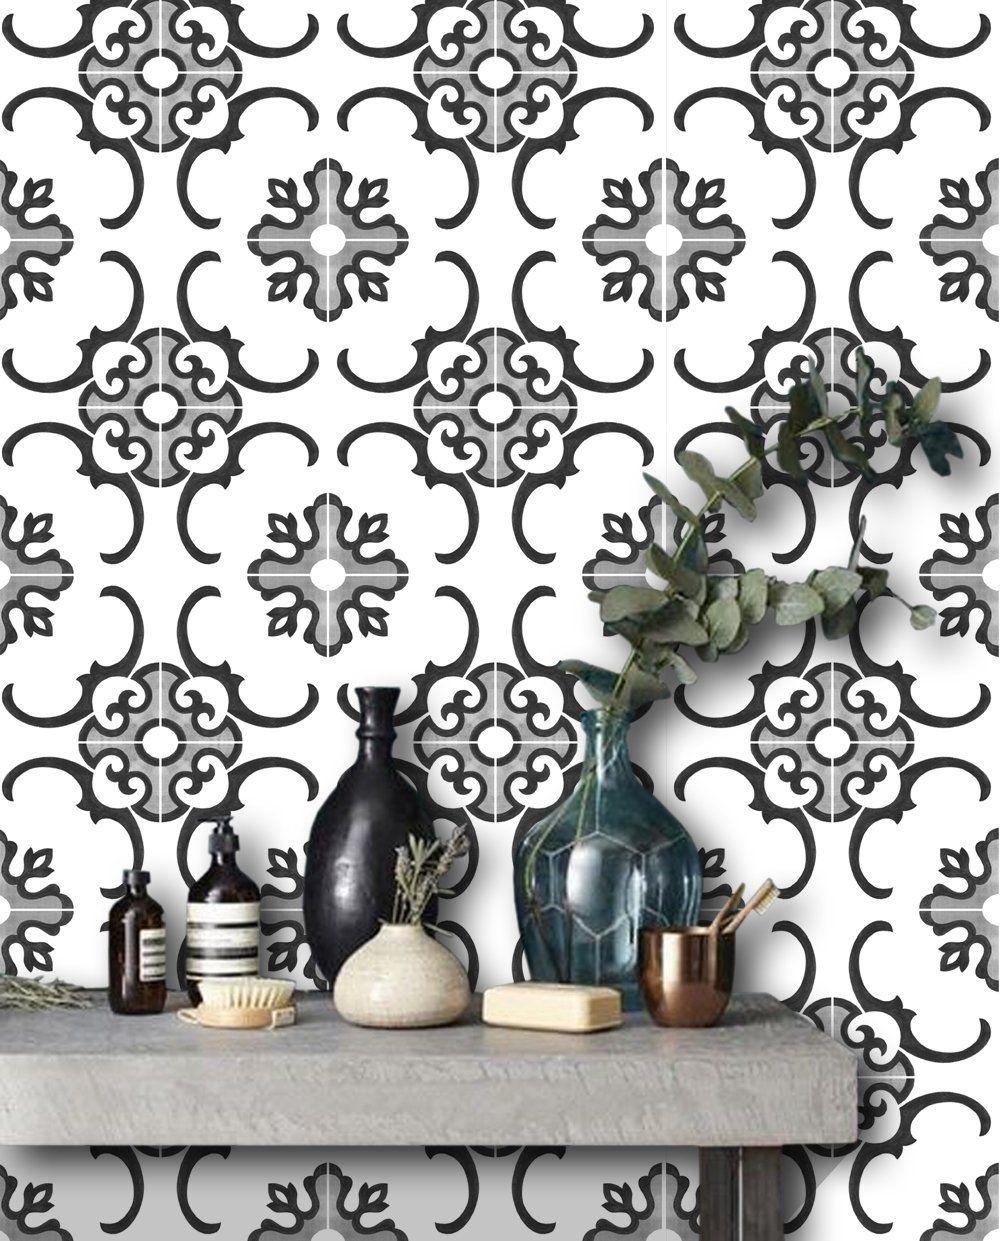 Milano Wallpaper Floor decal, Floor stickers, Stick on tiles